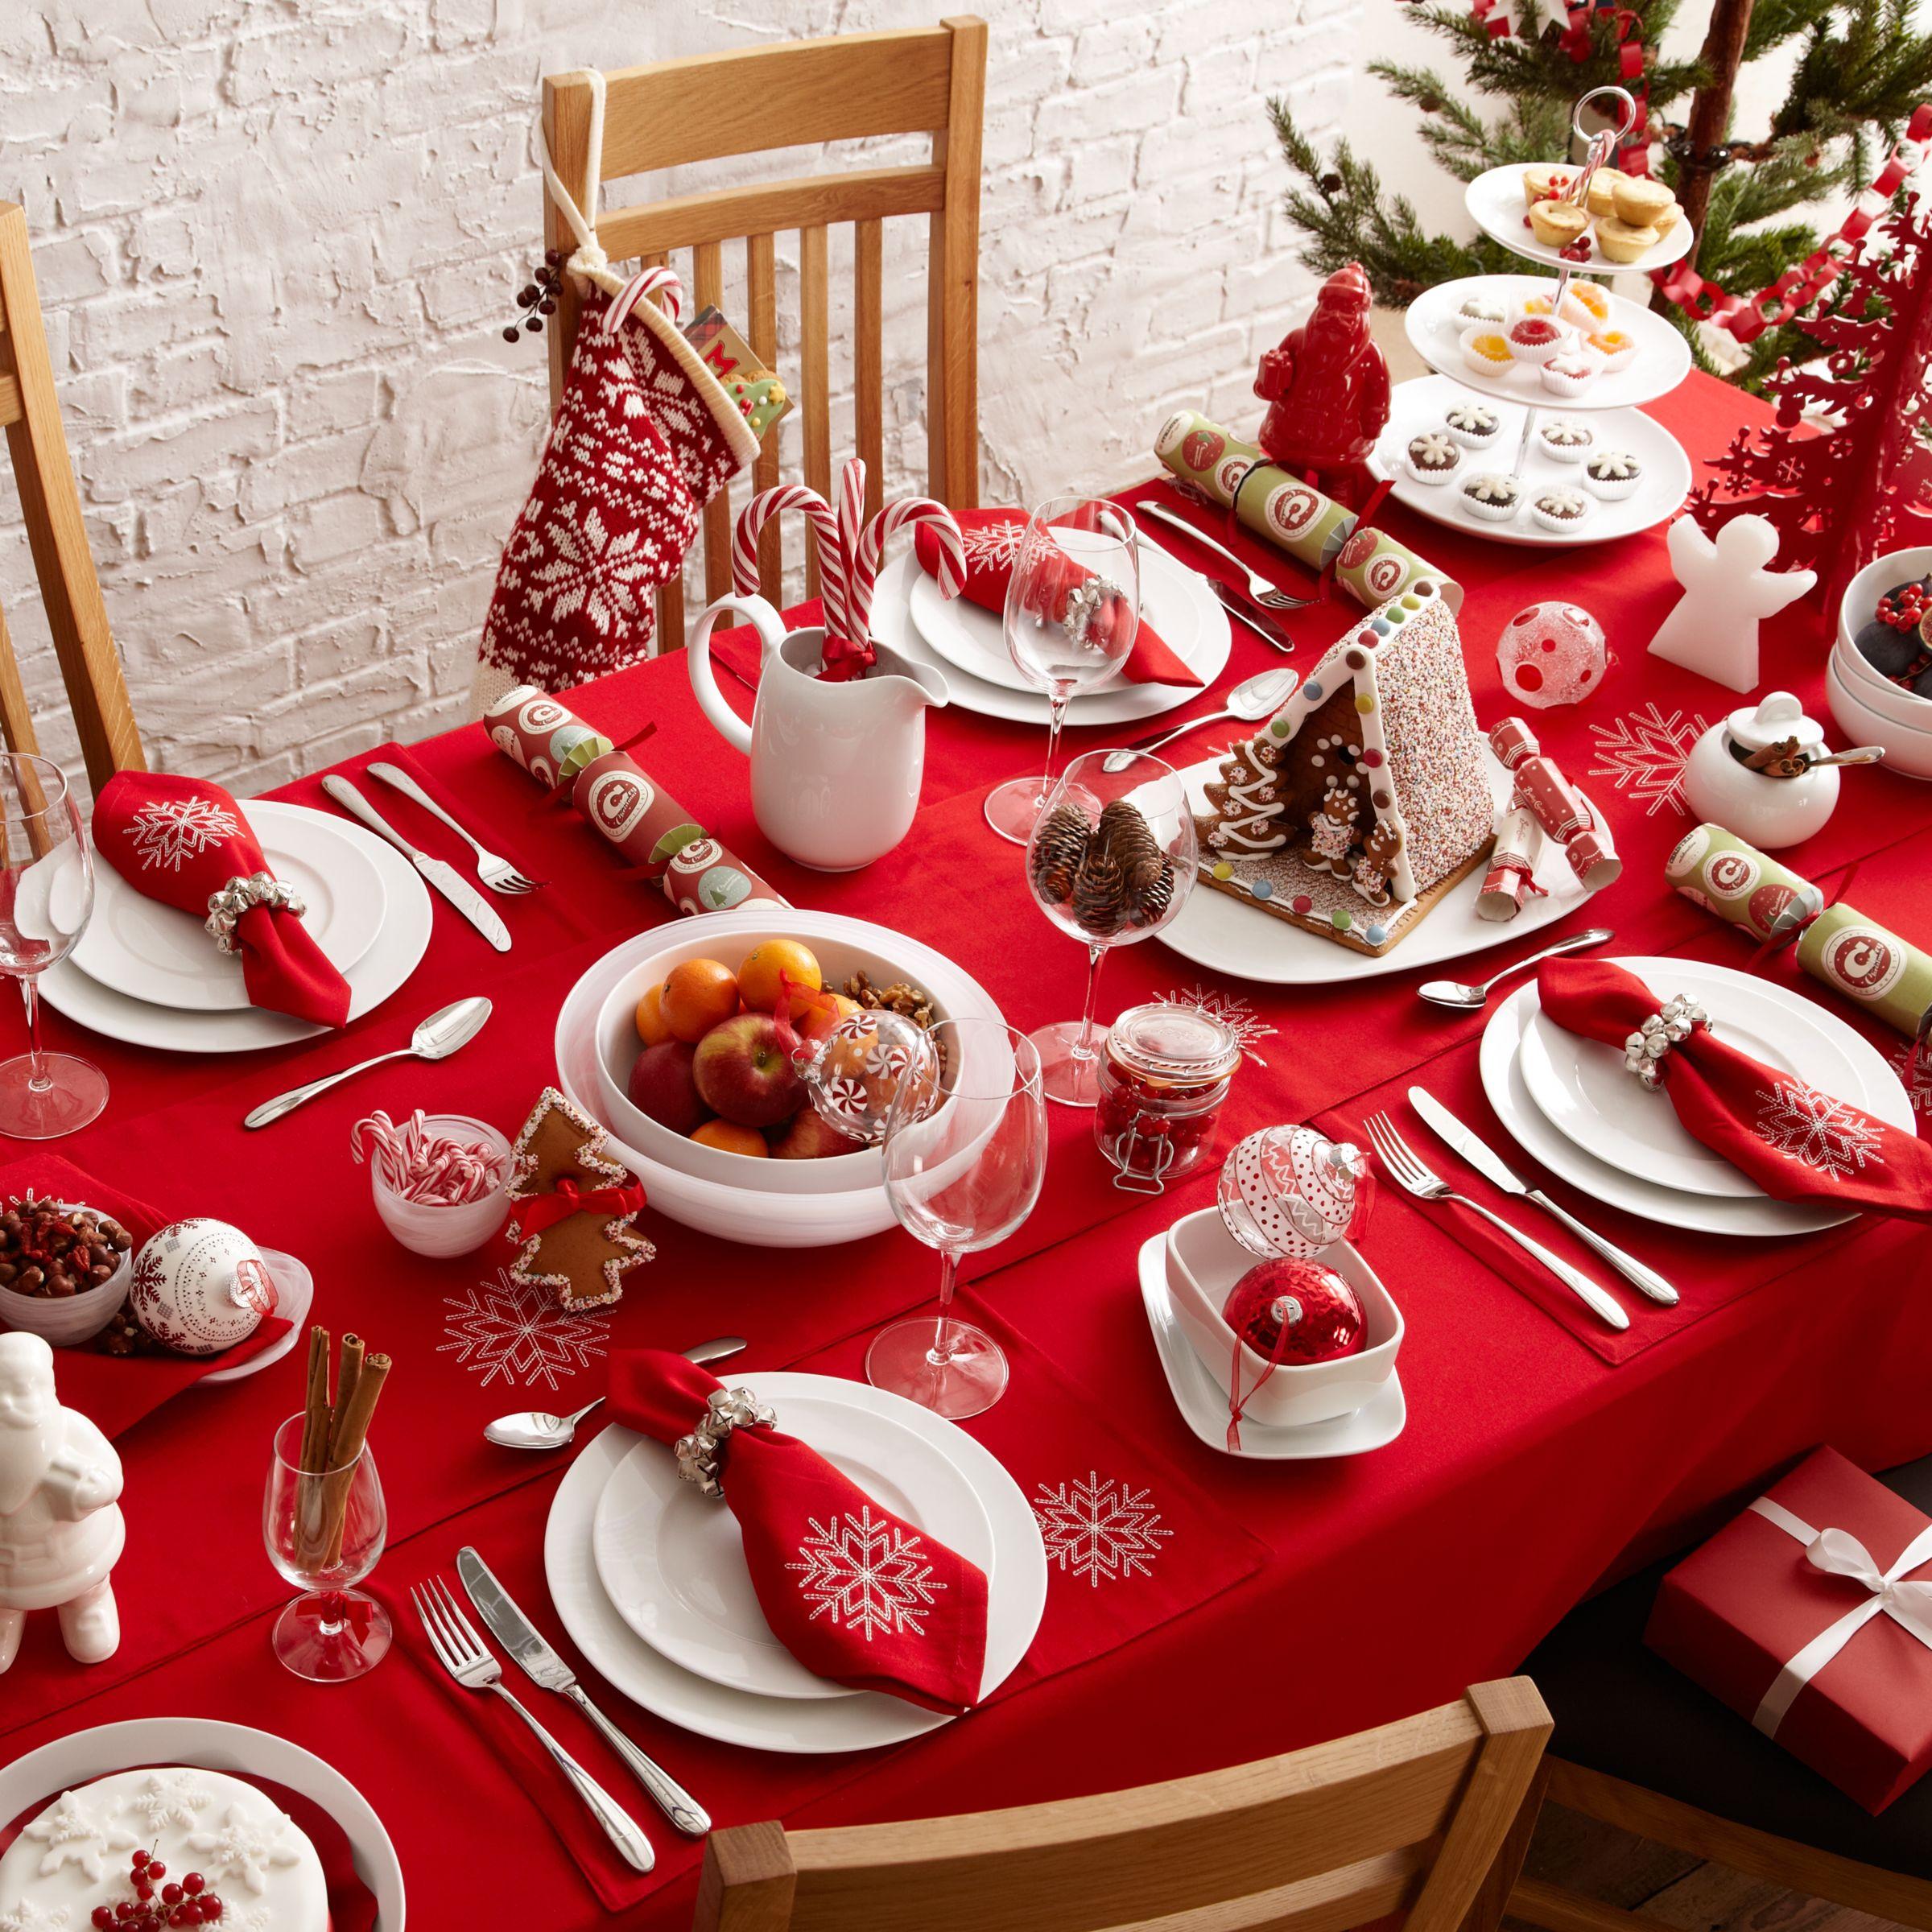 морщинки картинки новогоднего домашнего стола с едой гипсовых